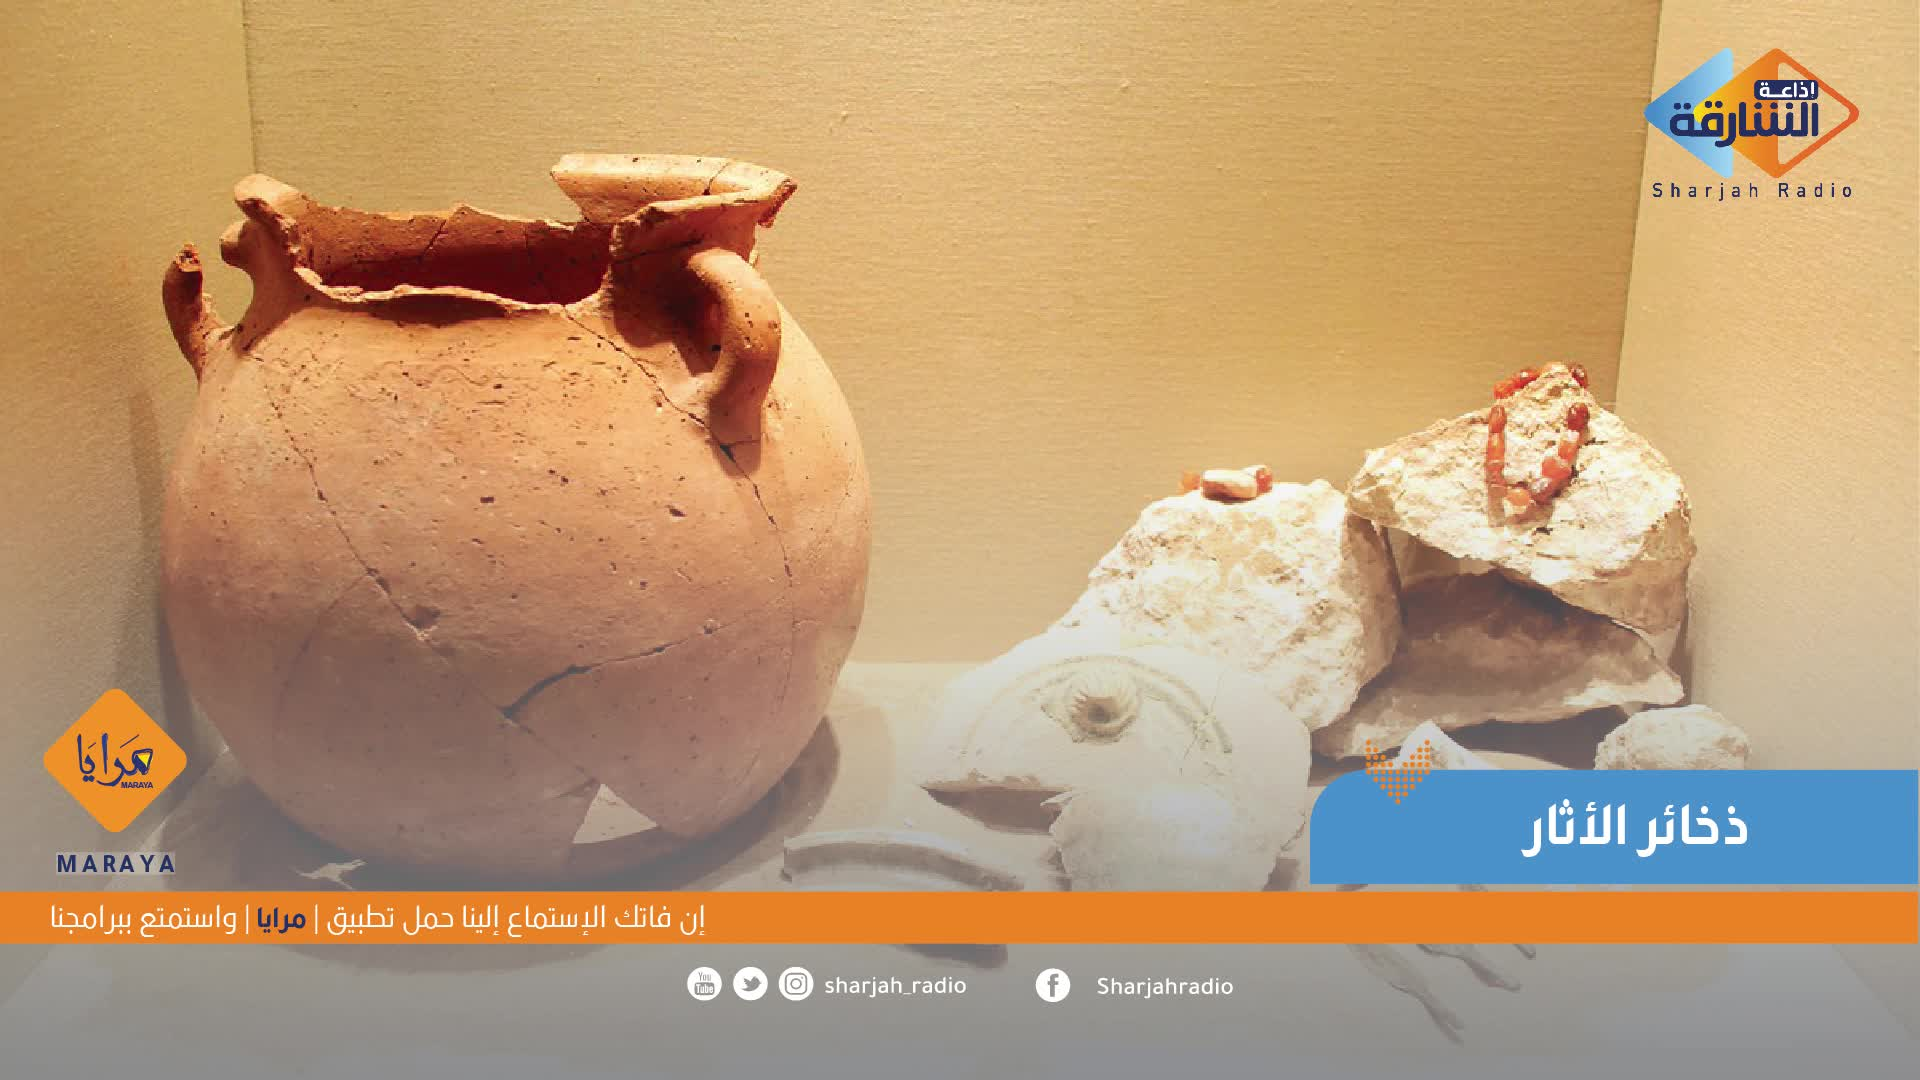 ذخائر الآثار  مستوطن دبا الحصن